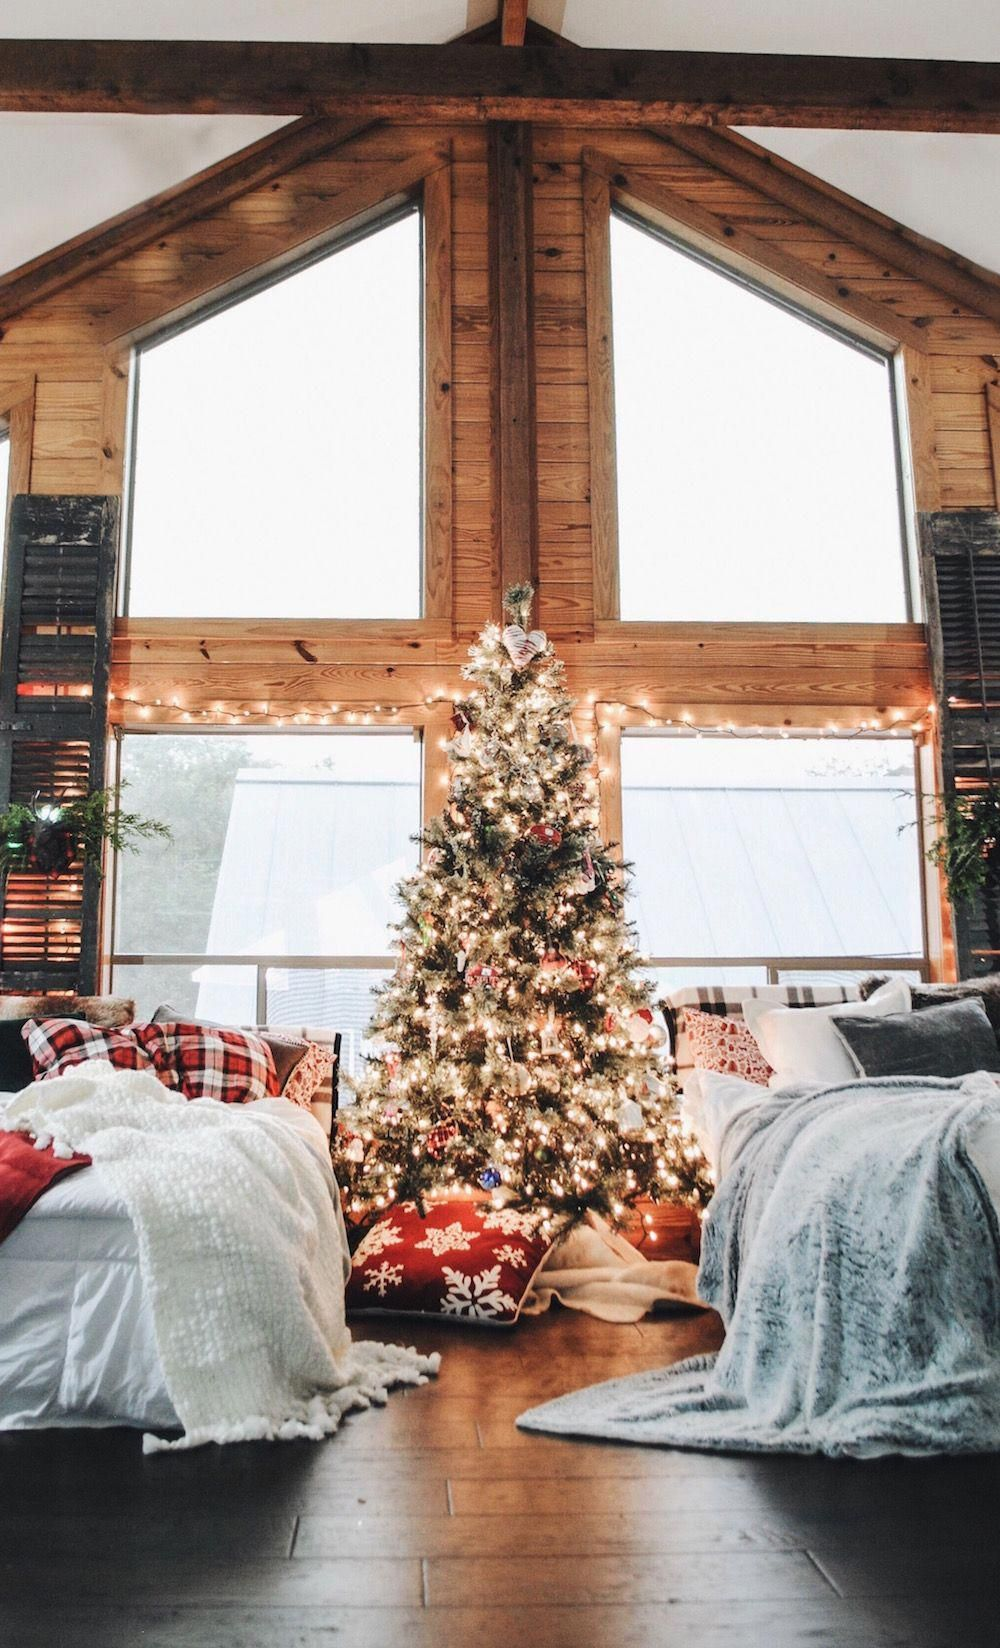 Christmas Songs Download Free Mp3 Boney M - 最新のmp3 2020をダウンロード